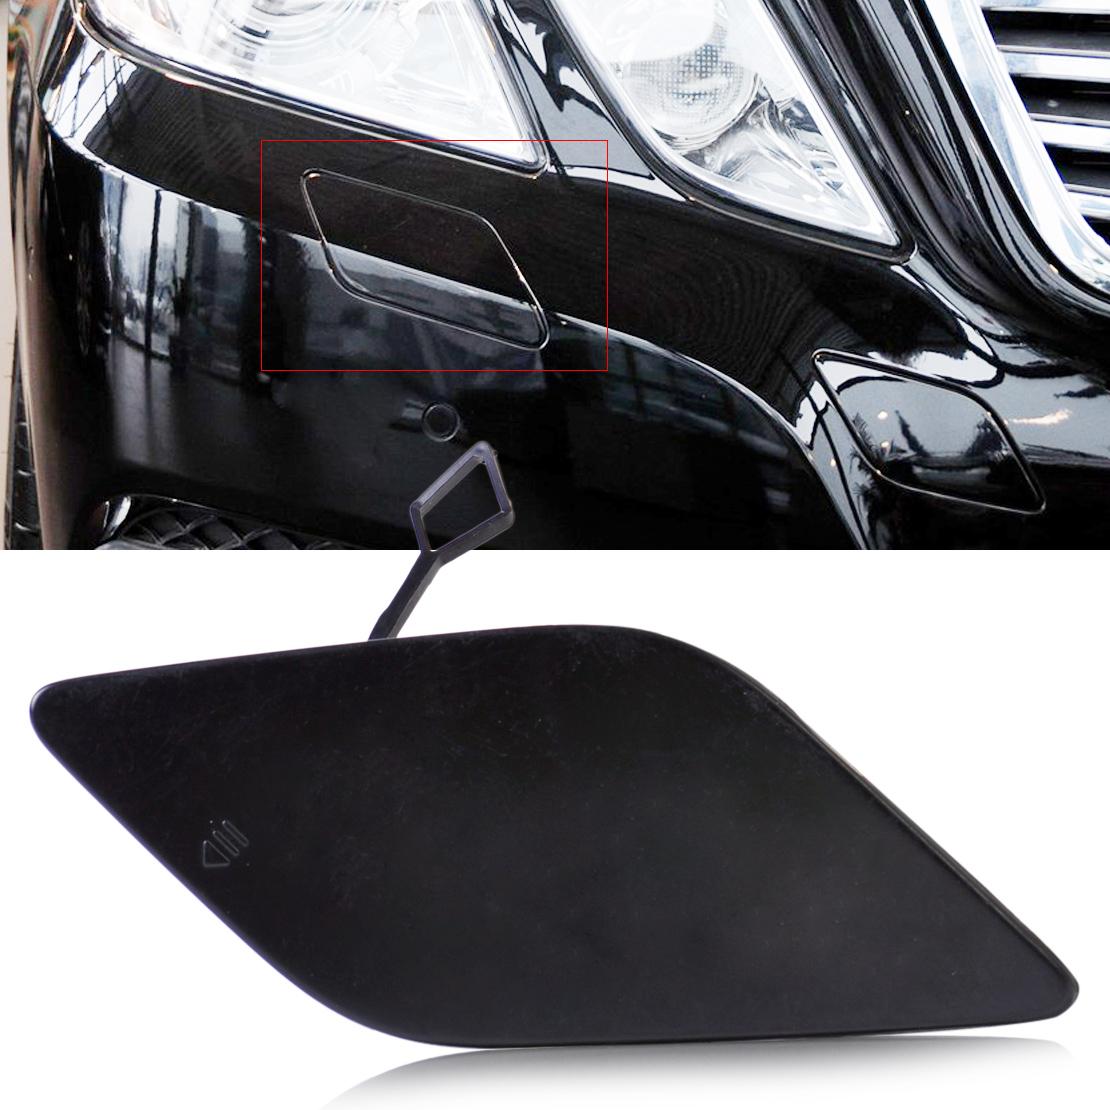 Front Bumper Tow Hook Cover Cap Fits Mercedes Benz W212 E350 E250 212 885 01 26 Ebay